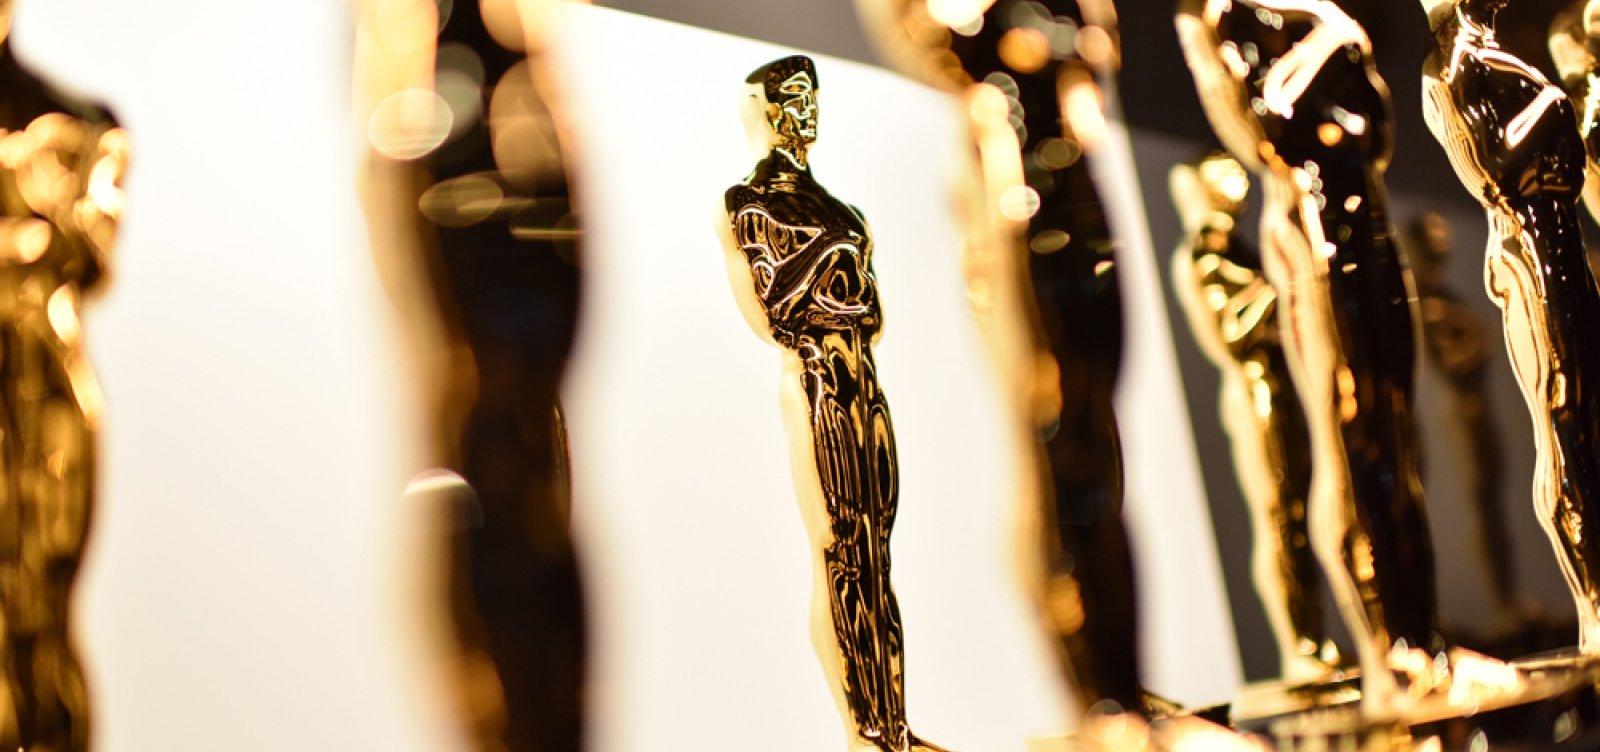 ['Democracia em Vertigem' é indicado ao Oscar de melhor documentário; confira lista]